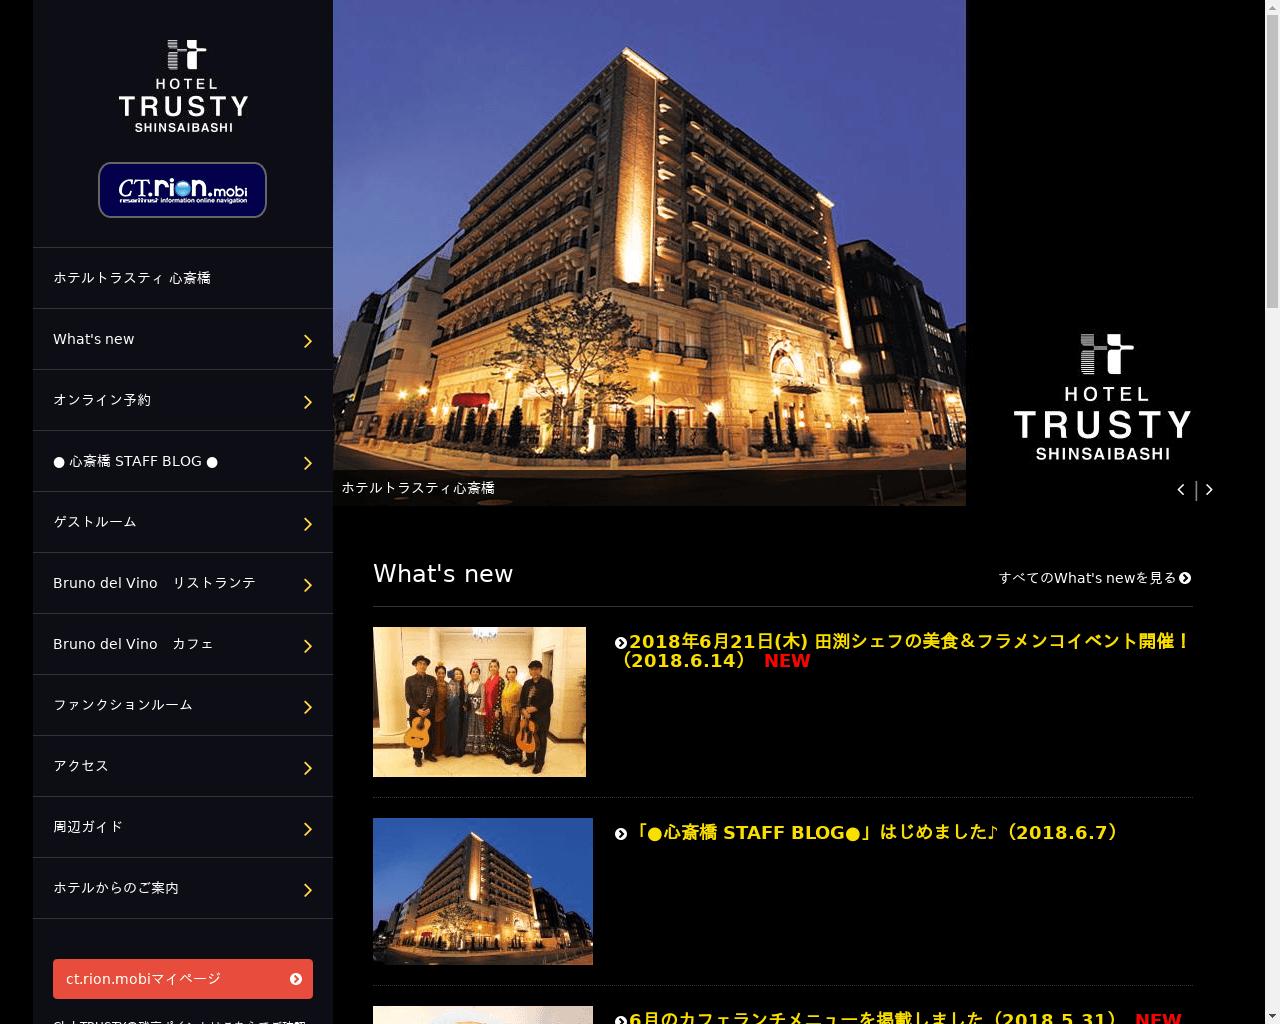 ホテルトラスティ心斎橋